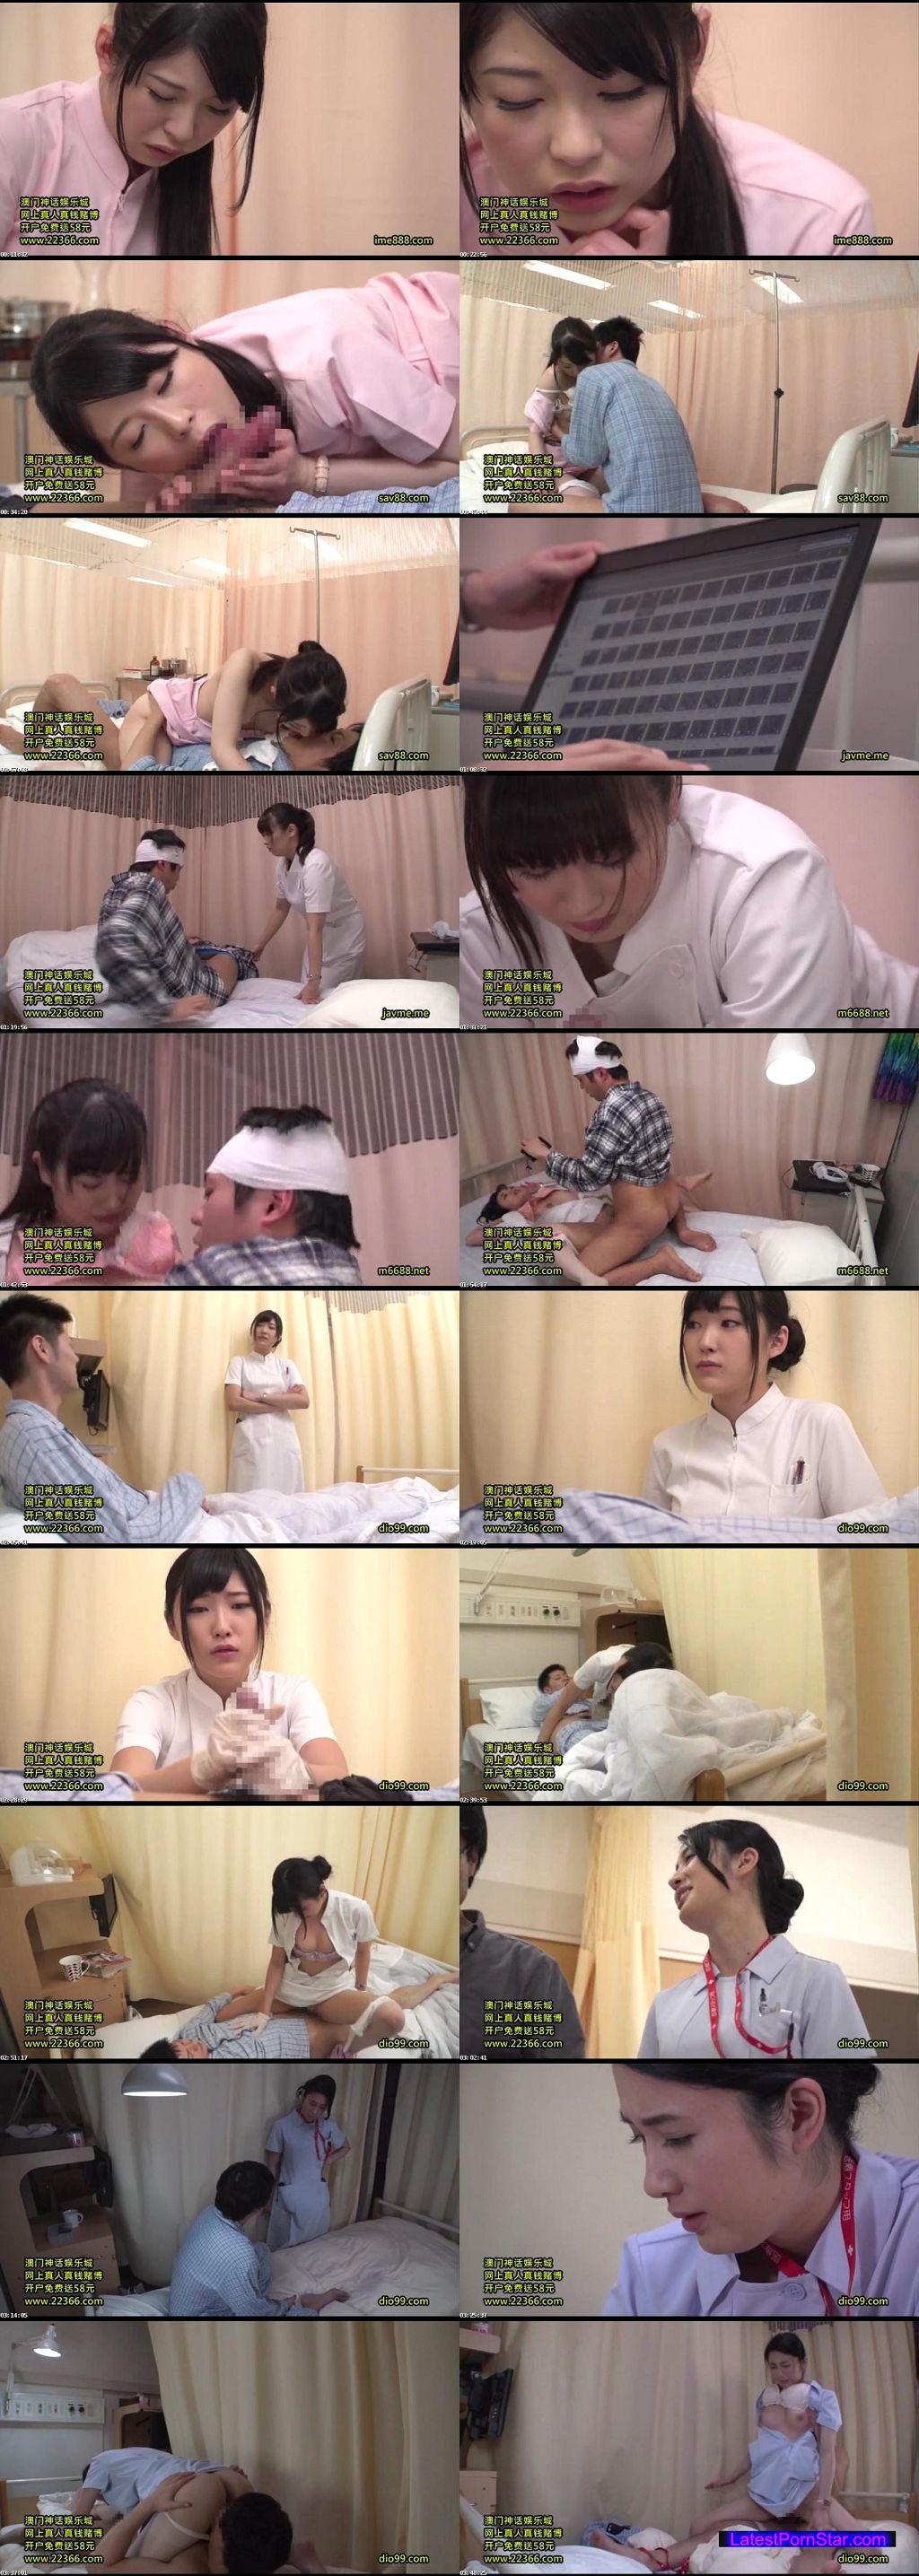 [DANDY-496] 「入院中の担当看護師が姉だった!禁欲で勃起が収まらない弟の暴走チ○ポが院内で噂の美人看護師を悩ませる『他の看護師に迷惑を掛けるんだったらワタシが…』」VOL.1